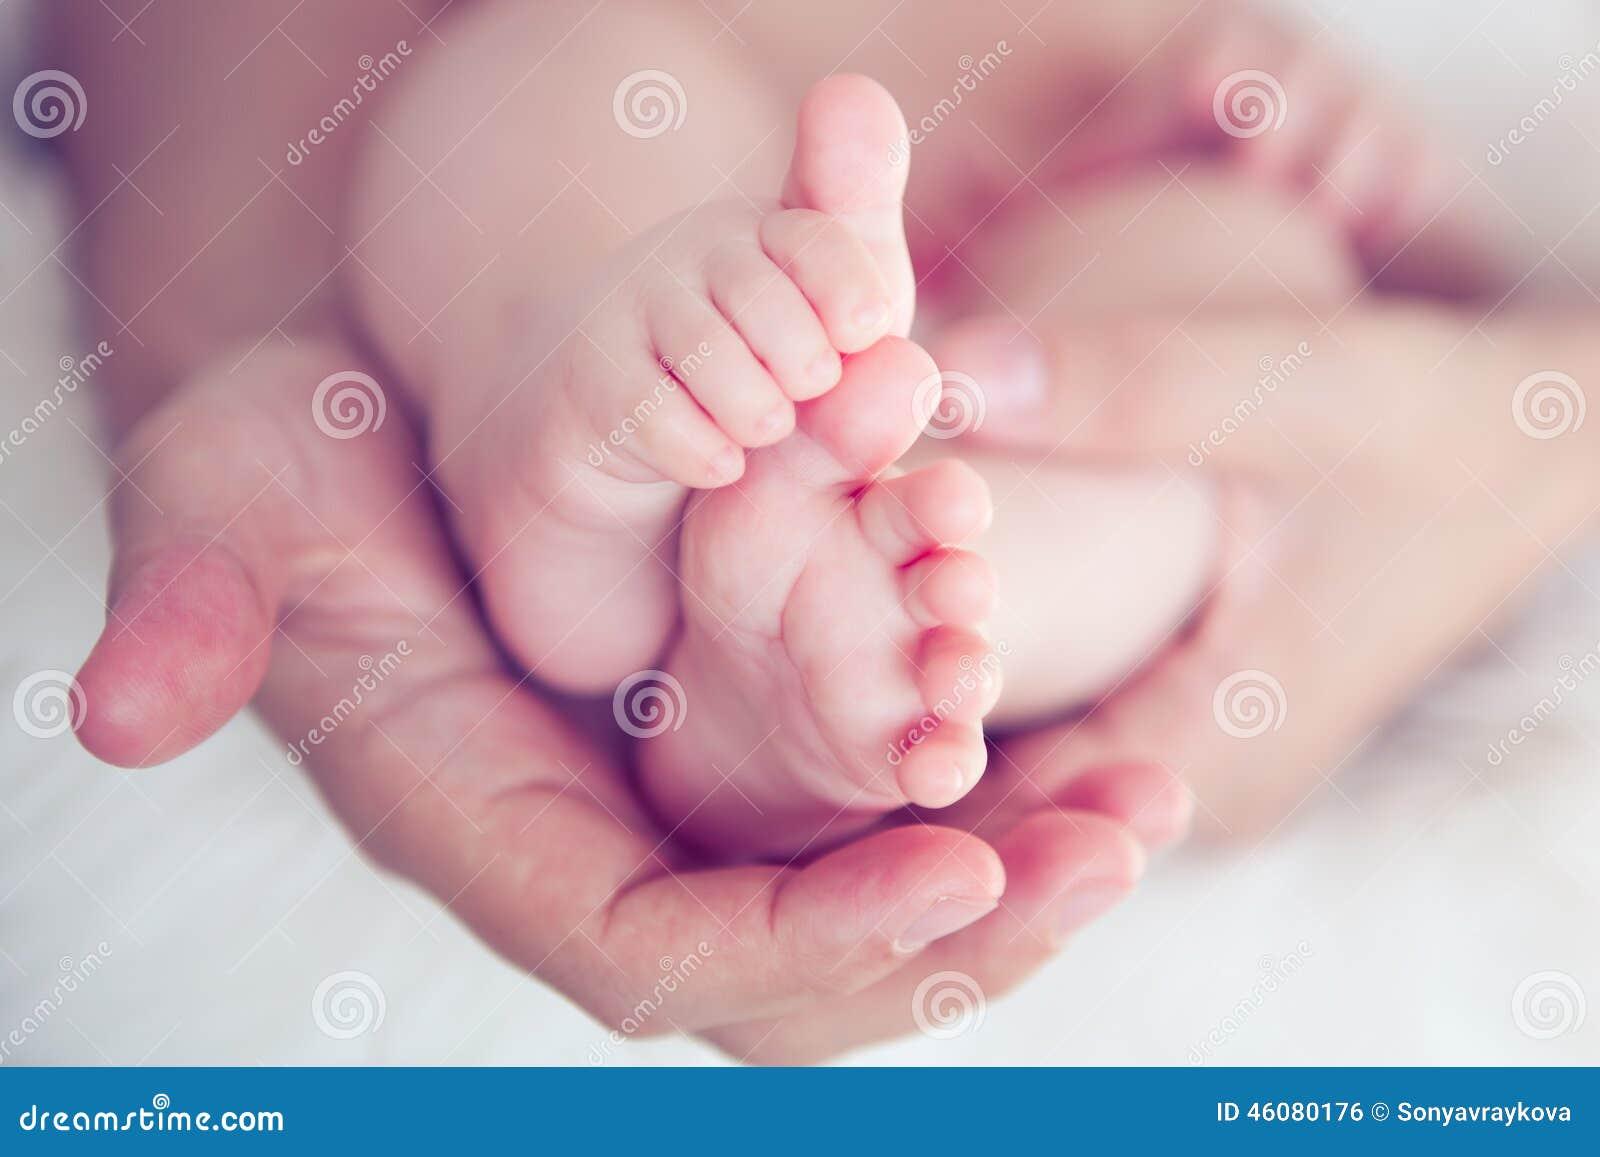 Piedi del neonato in mani della mamma